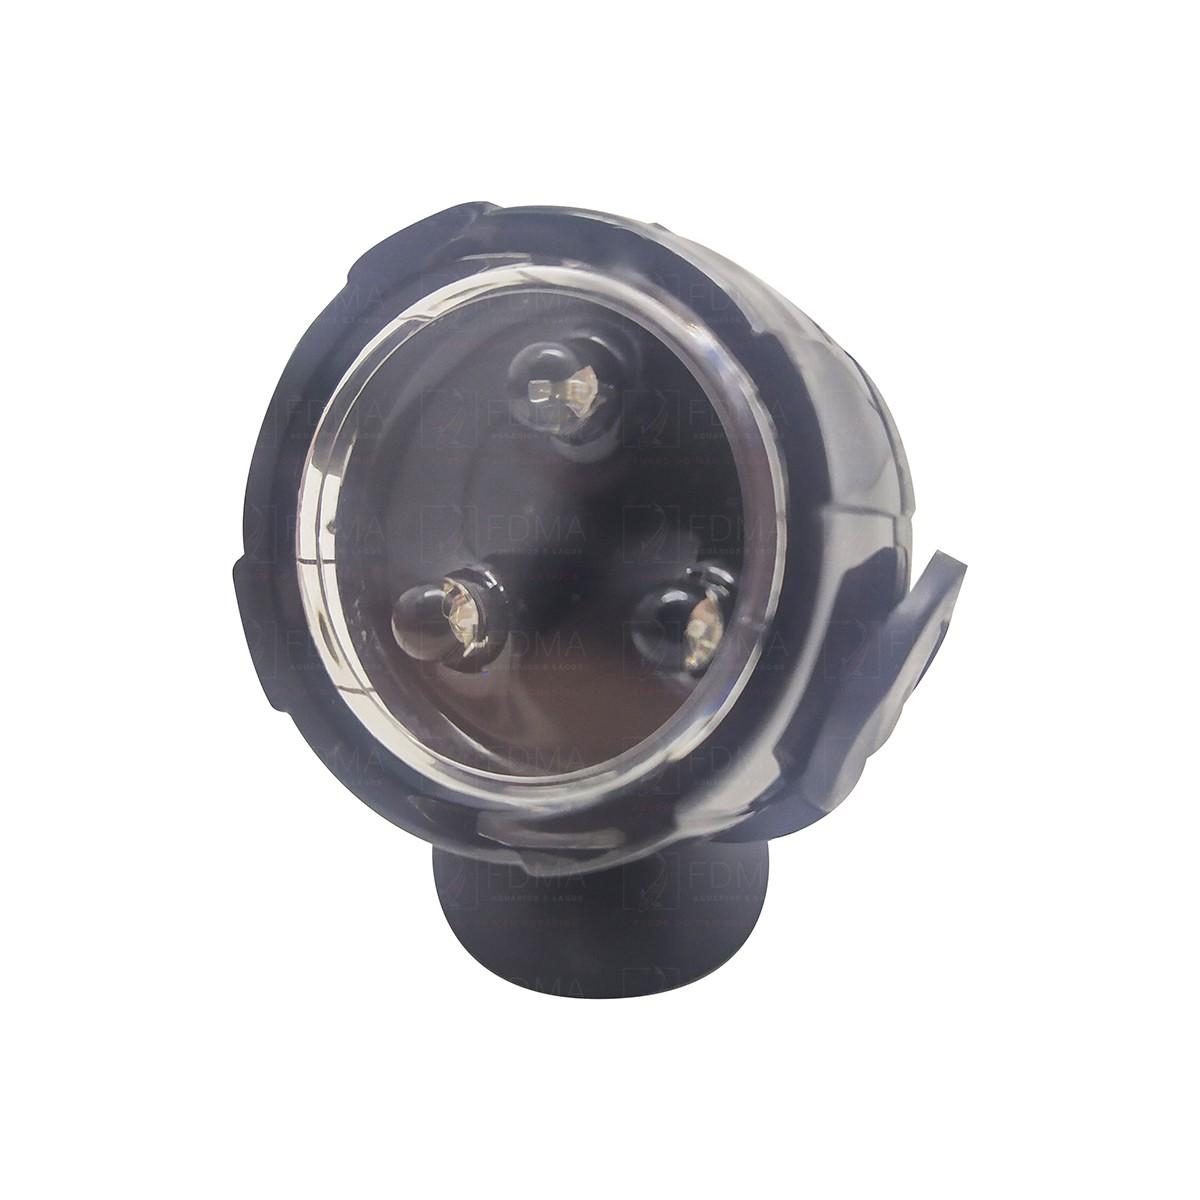 Luminária Submersa para Lagos e Aquários Dophin LED 101